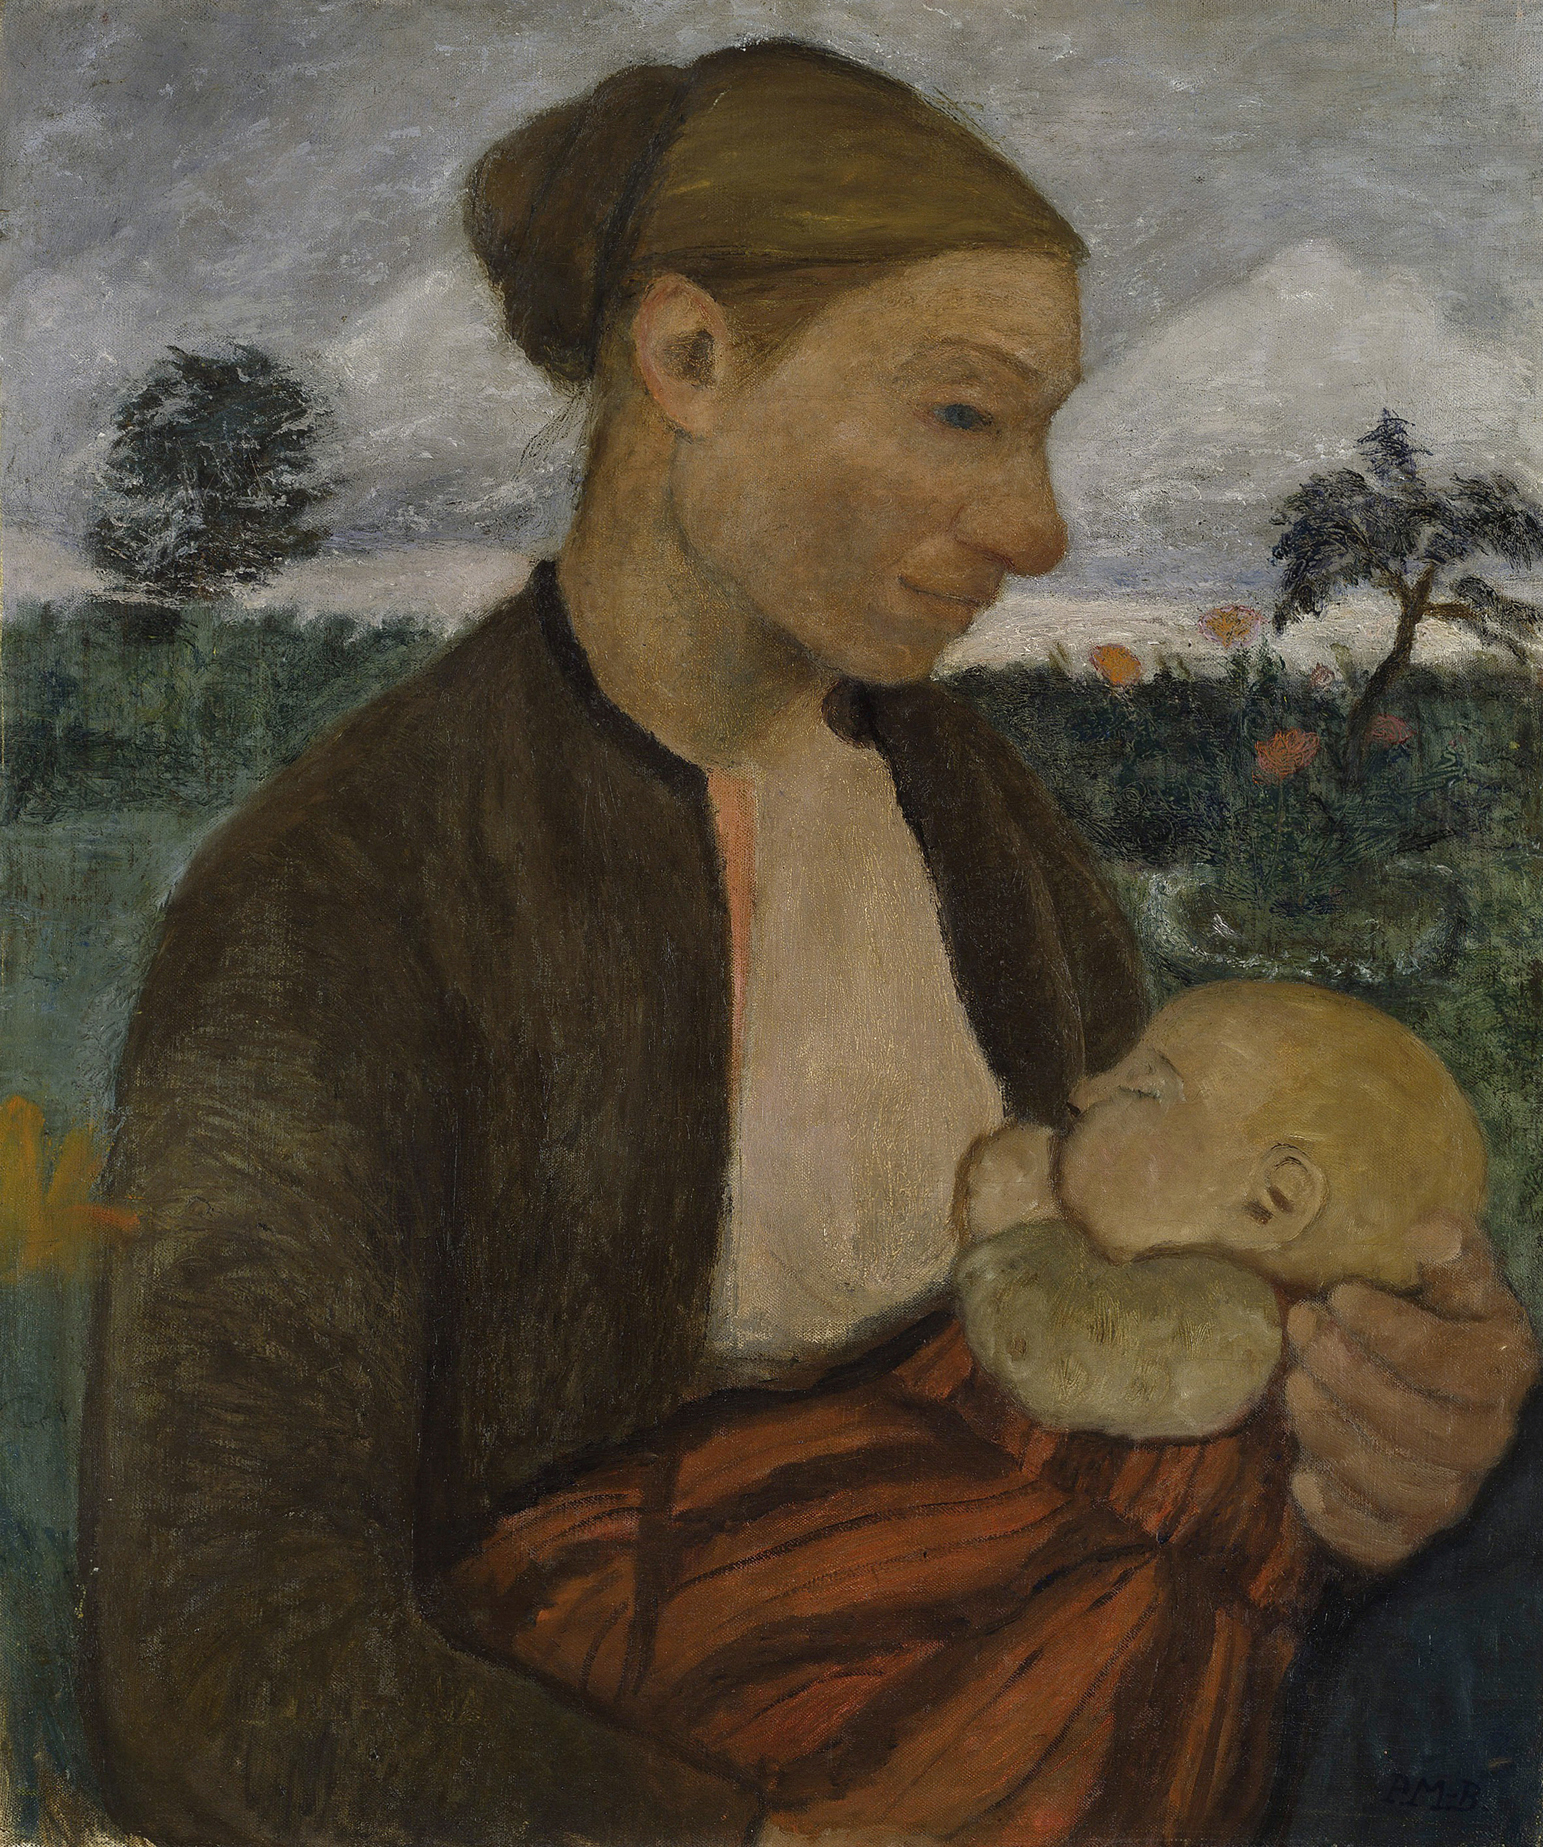 Paula Modersohn-Becker, 1876 - 1907, Mutter mit Kind, um 1903, 69 x 58 cm, Öl und Tempera auf Leinwand, © Hamburger Kunsthalle / bpk Foto: Elke Walford